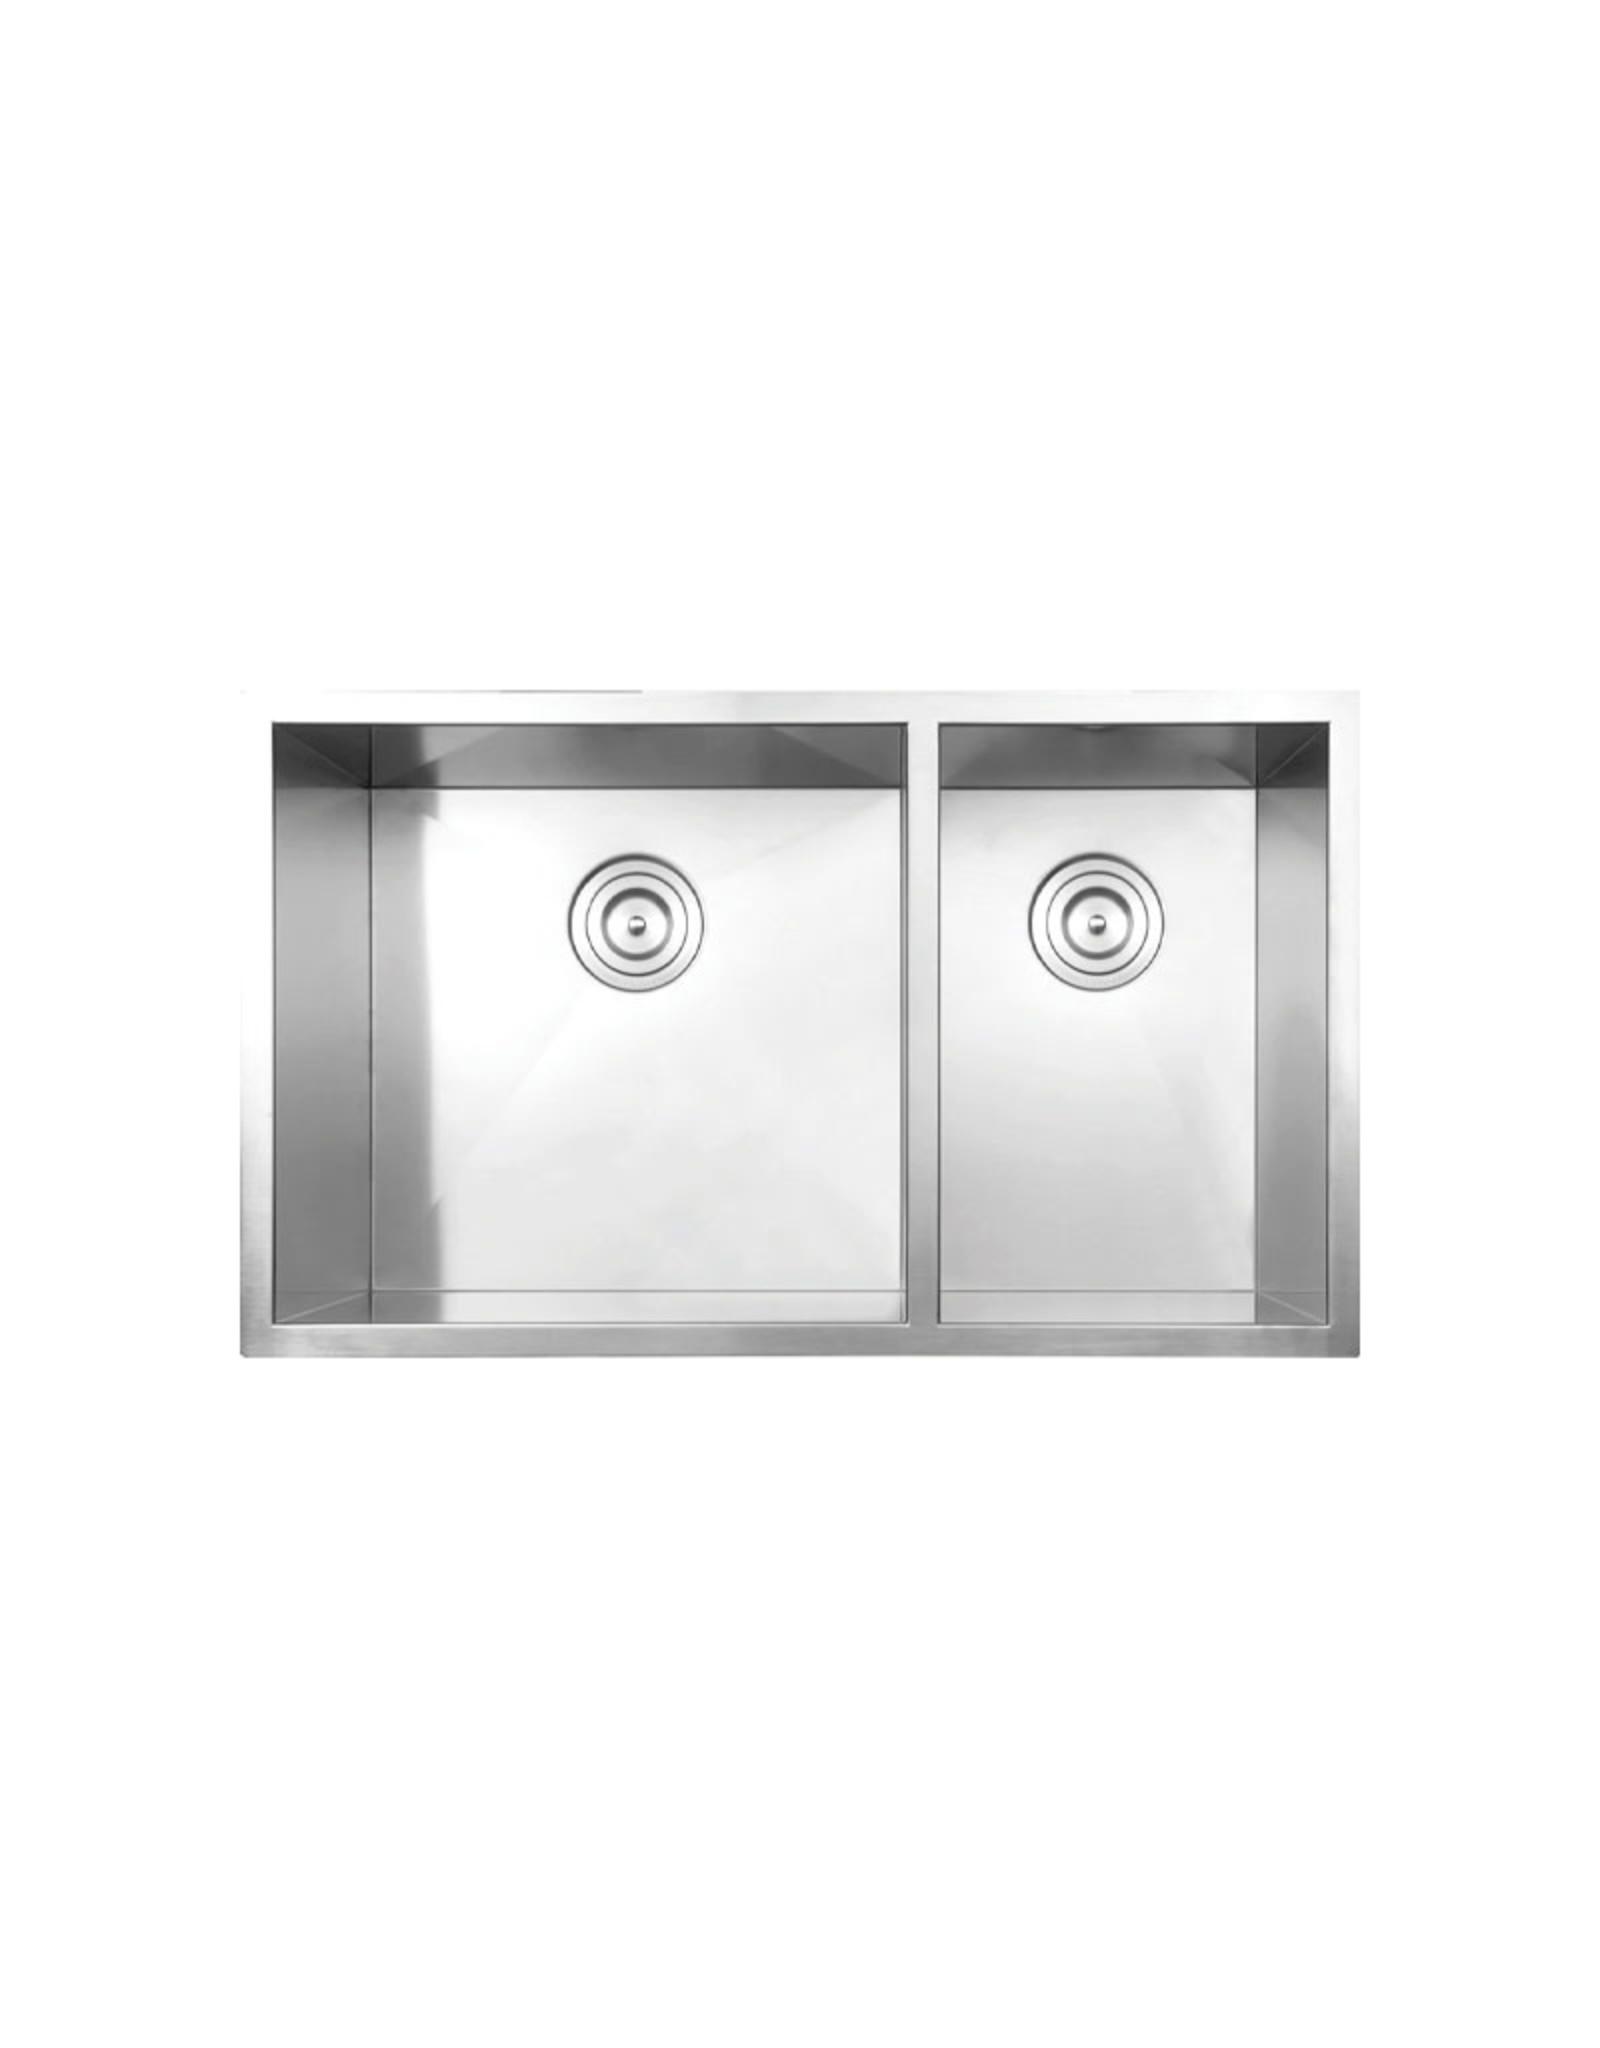 """Vogt Villach 16Z Undermount Kitchen Sink Double Bowl (60/40) 32"""" x 18"""" x 10"""""""